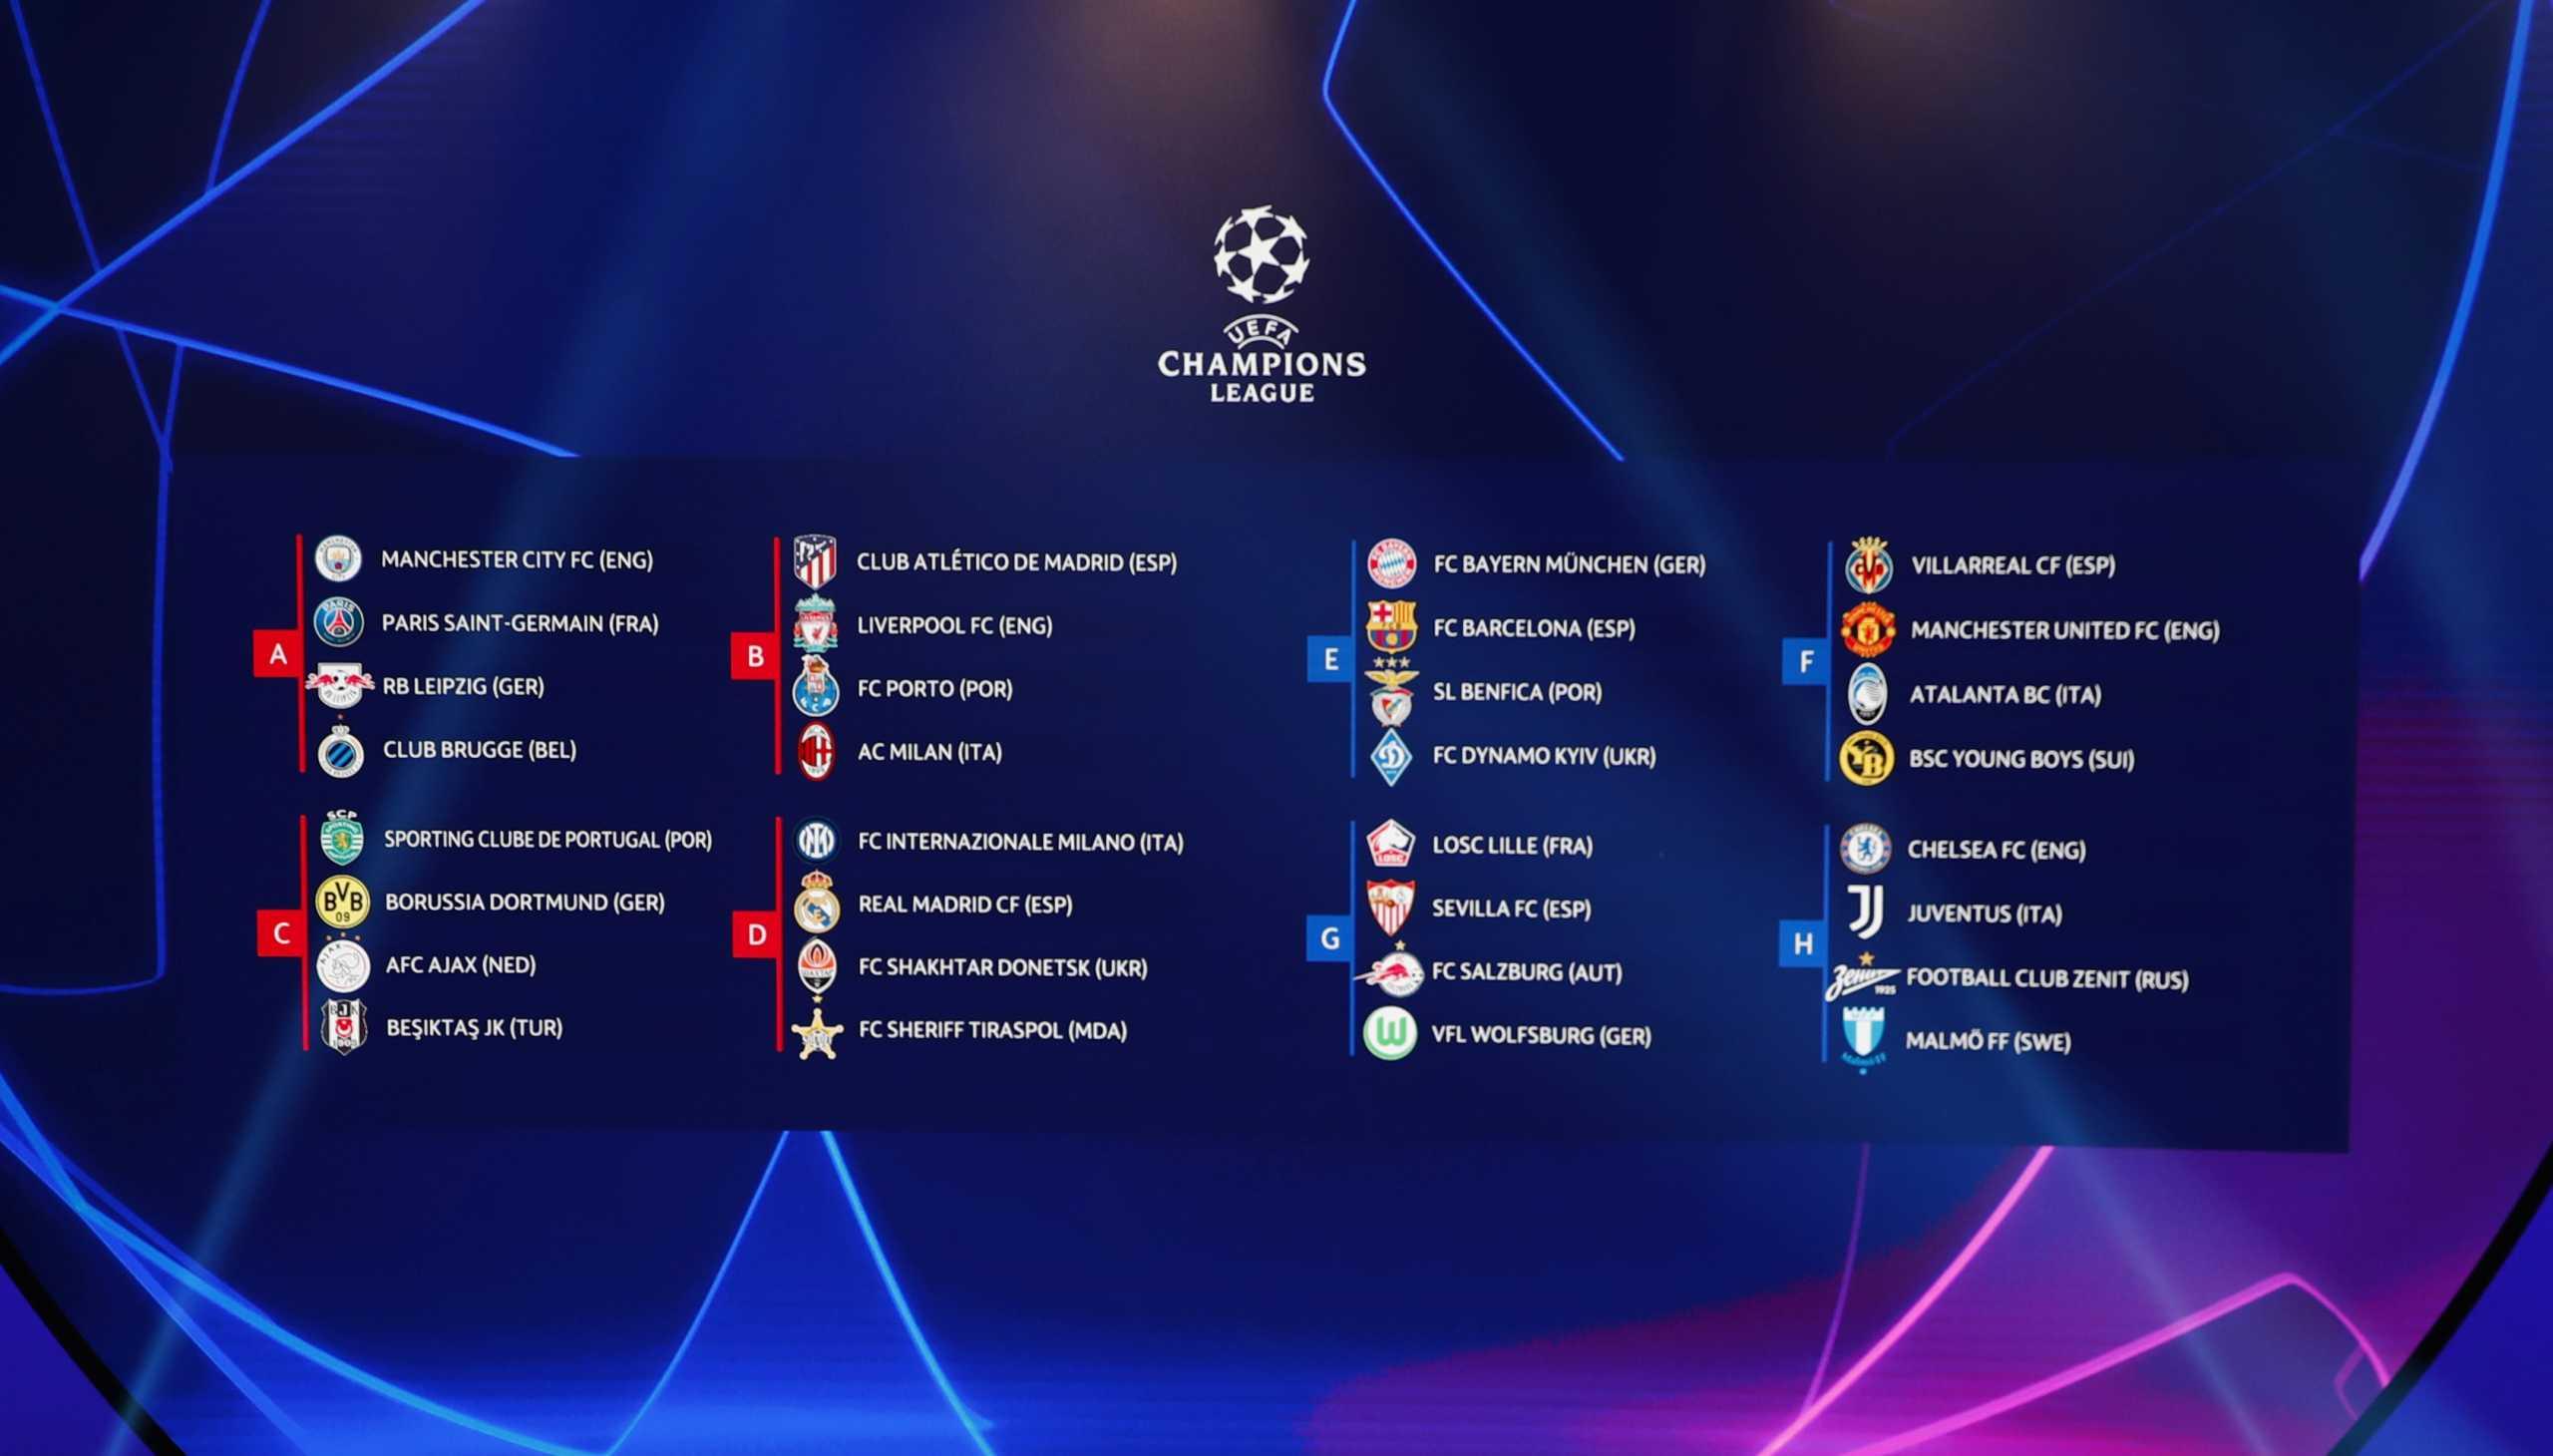 Κλήρωση Champions League: Αυτοί είναι οι όμιλοι για τη σεζόν 2021-22